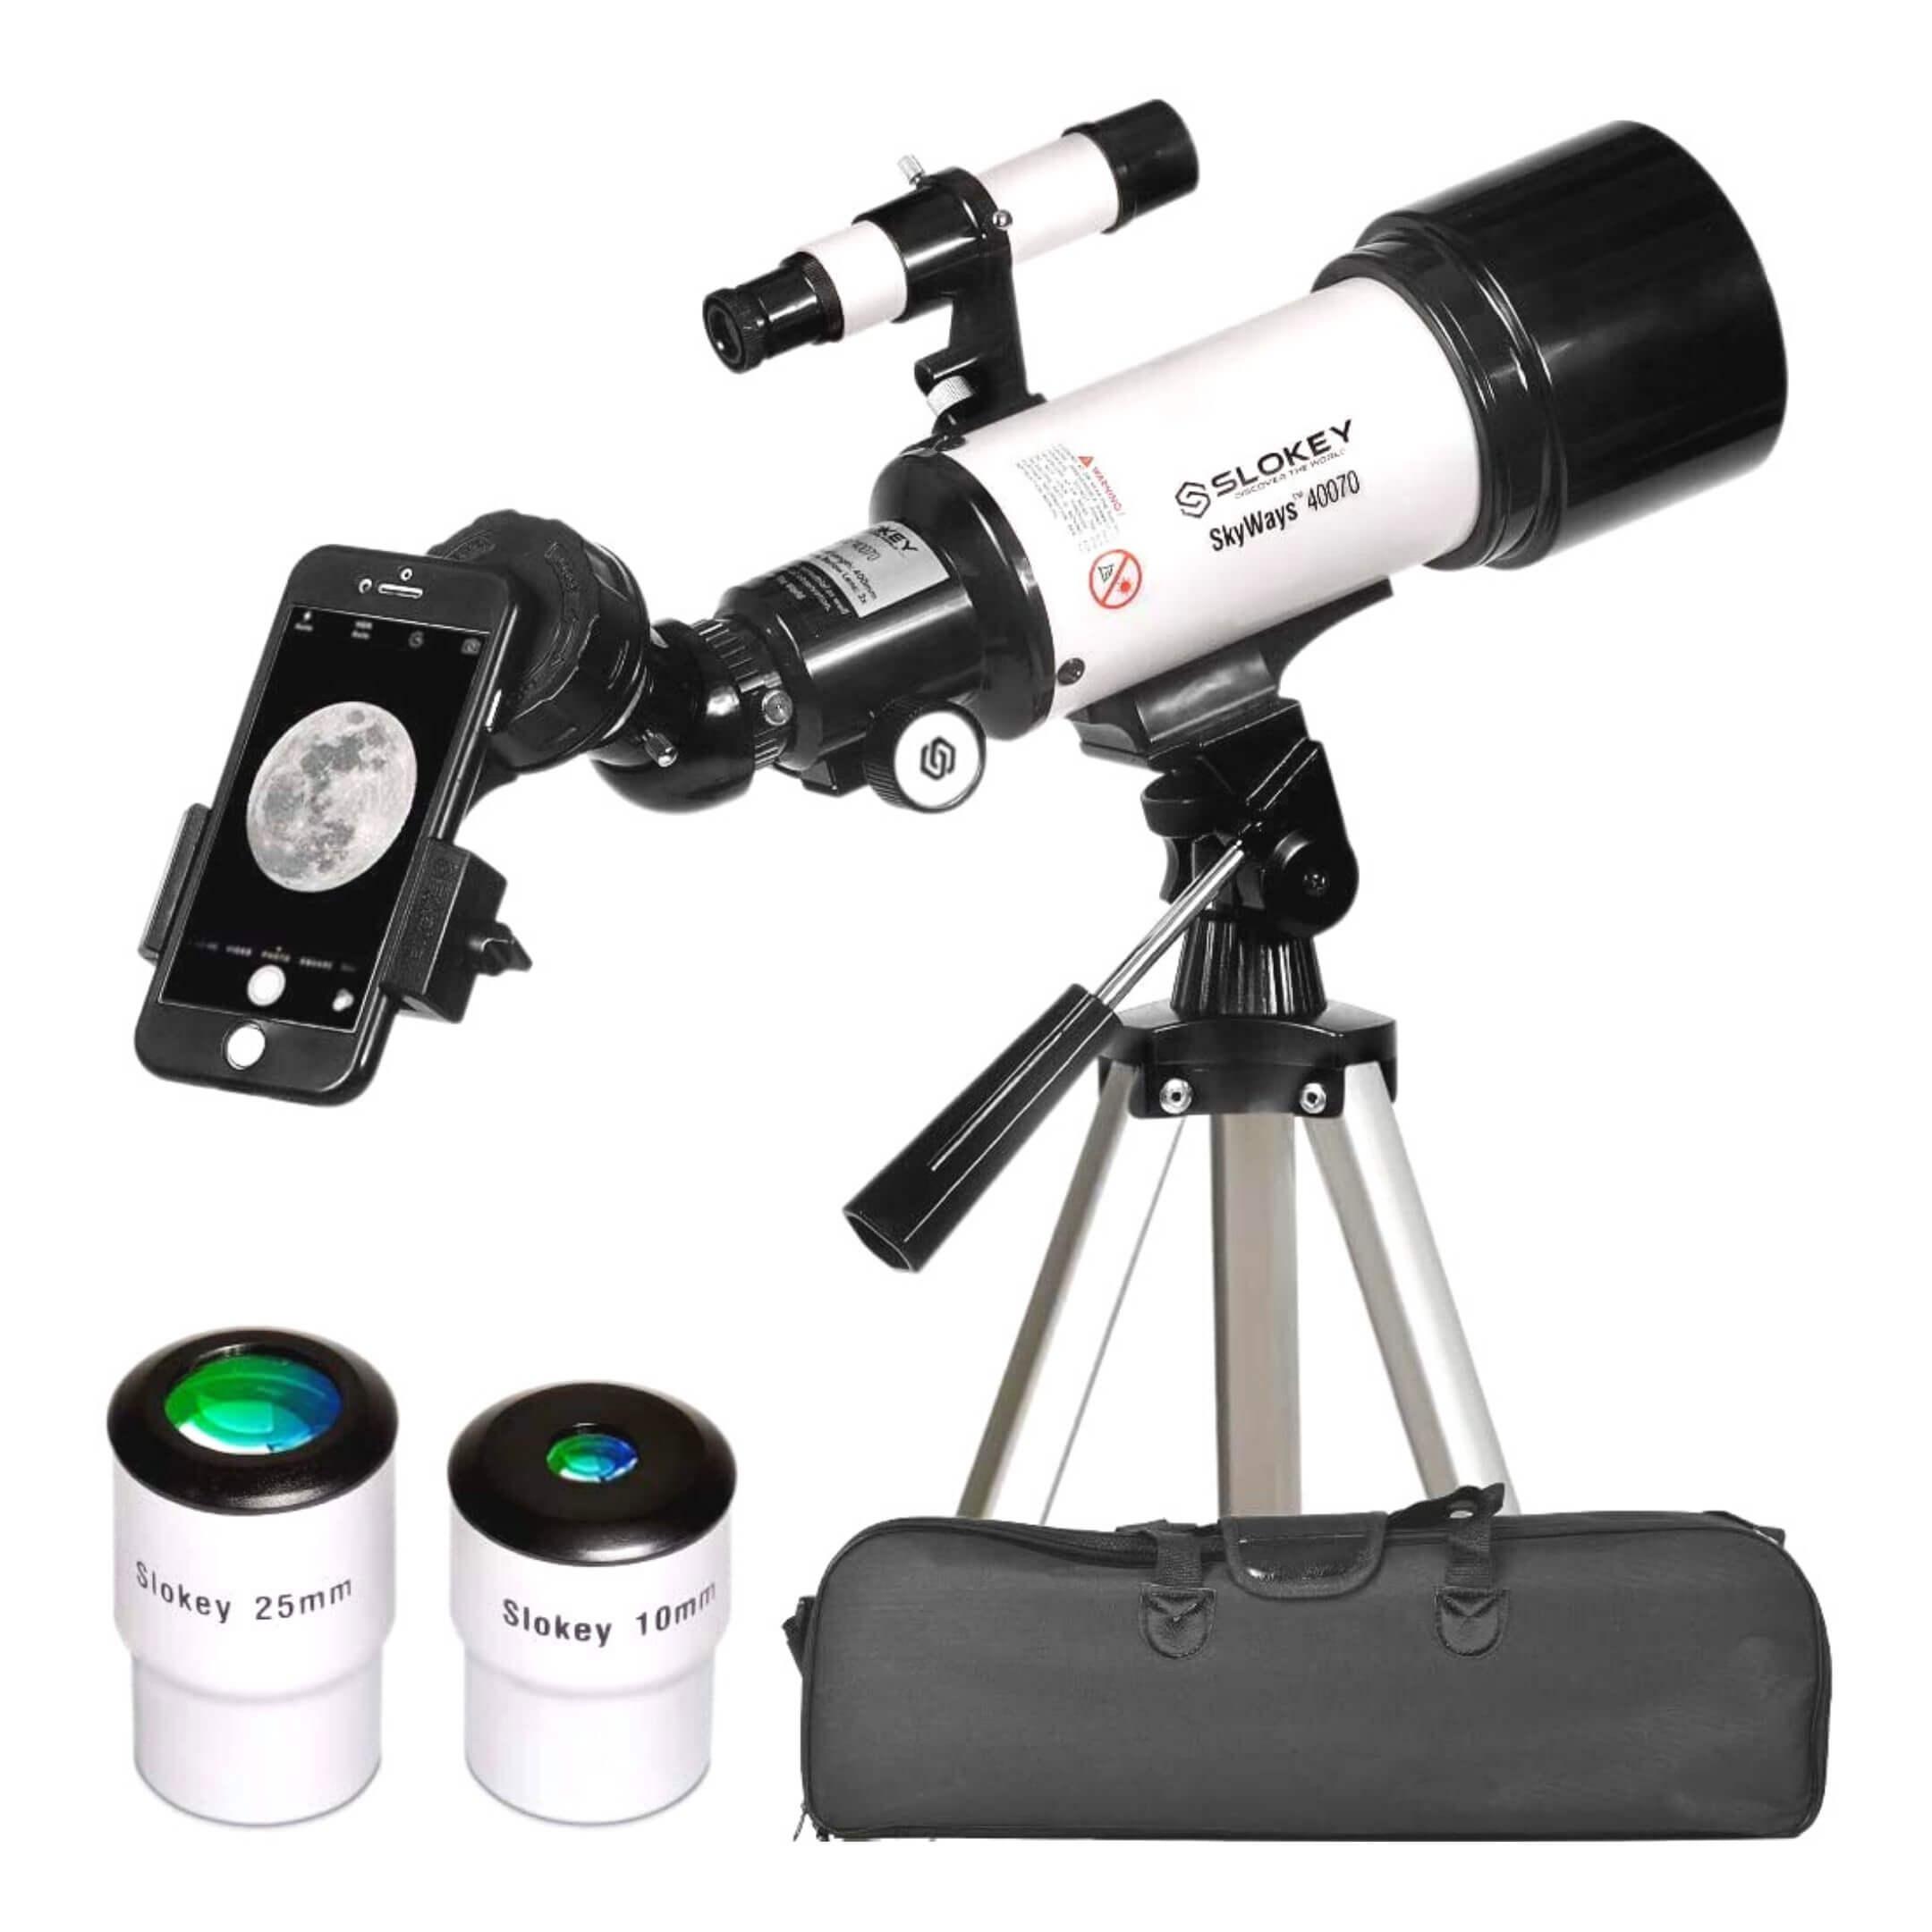 telescopio slokey